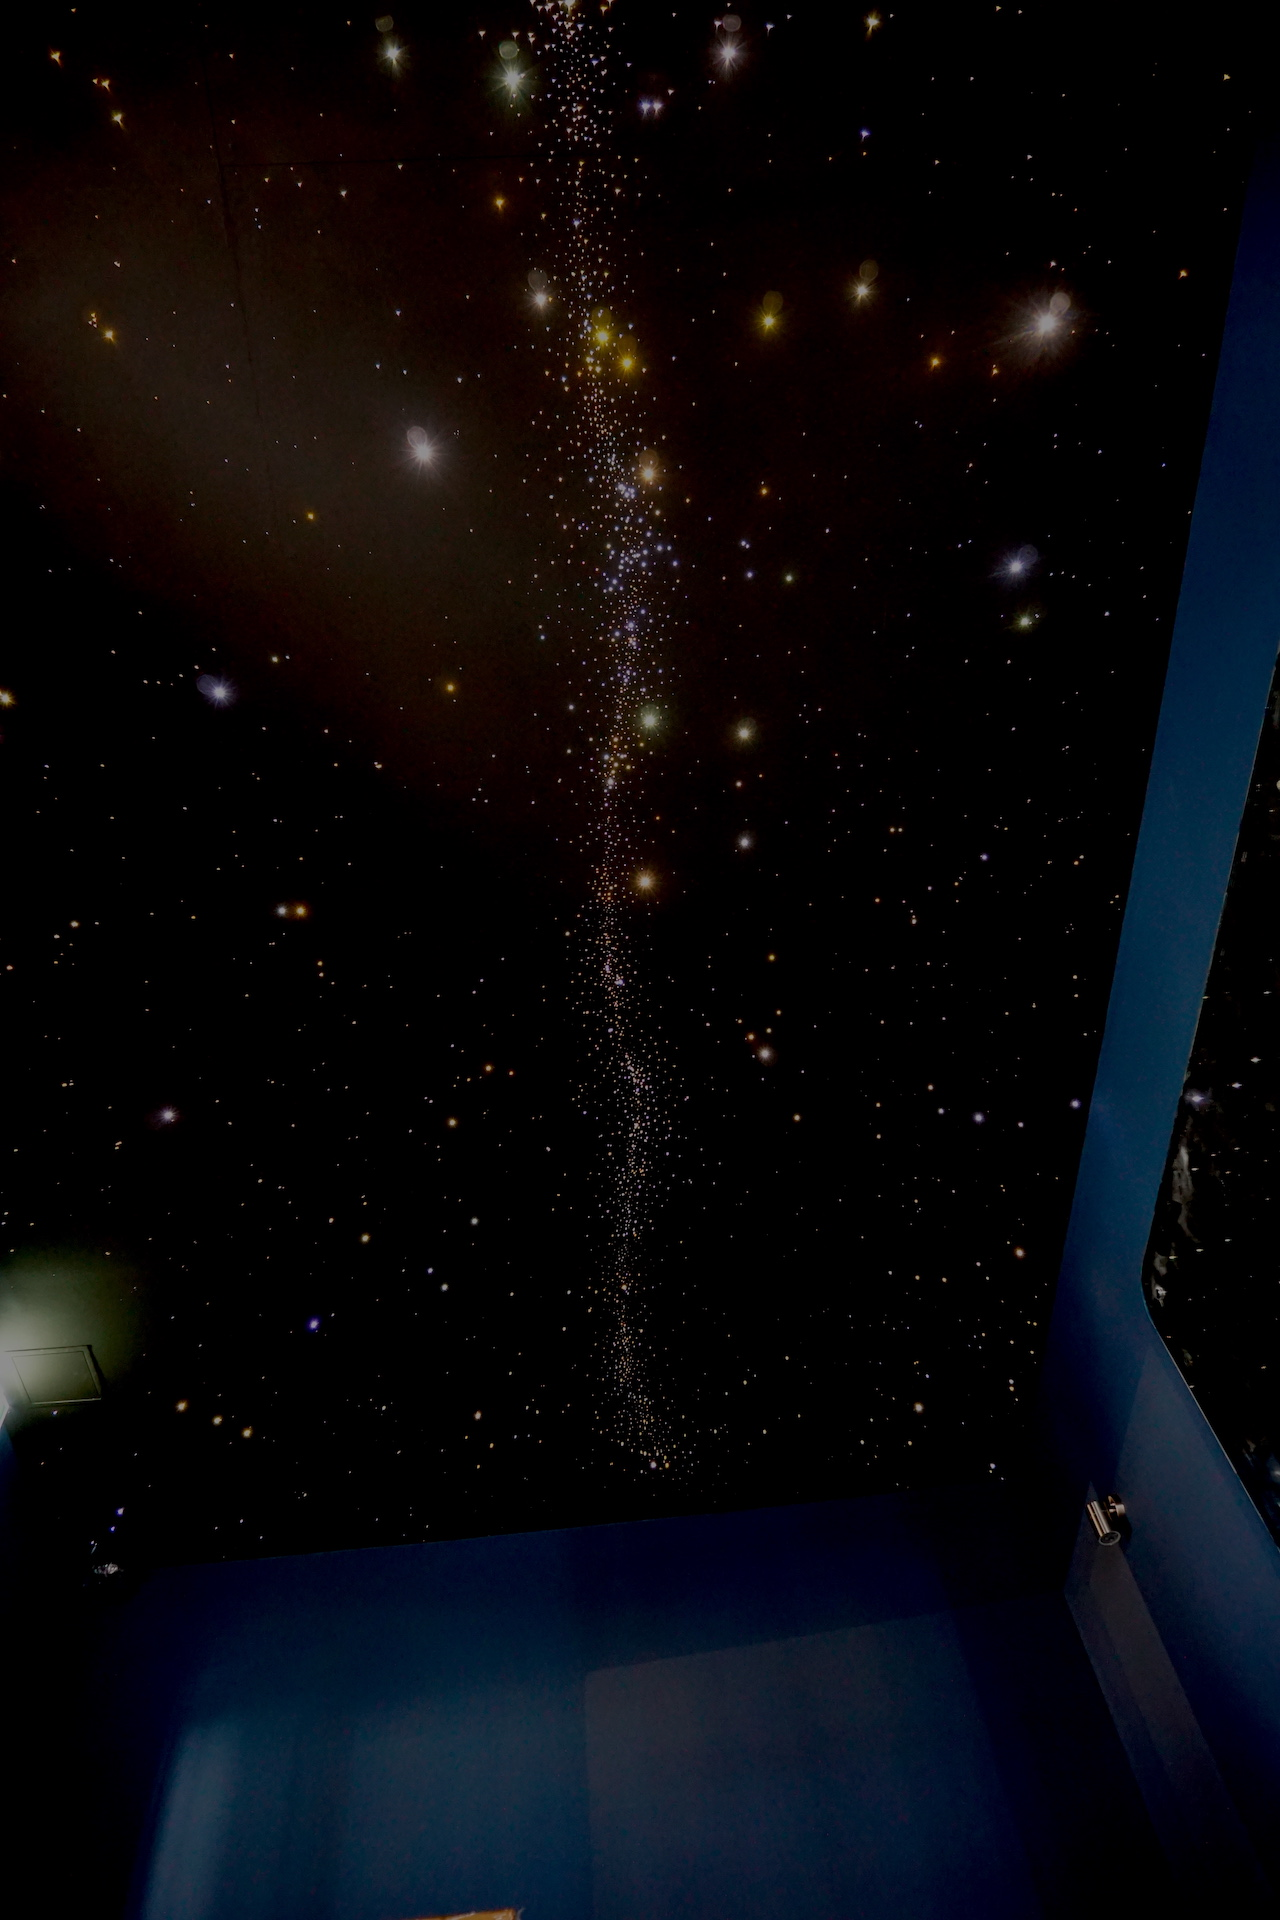 MyCosmos glasvezel LED sterren verlichting plafond sterrenhemel luxe parijs cafe iguana melkweg ideeen voorbeeld